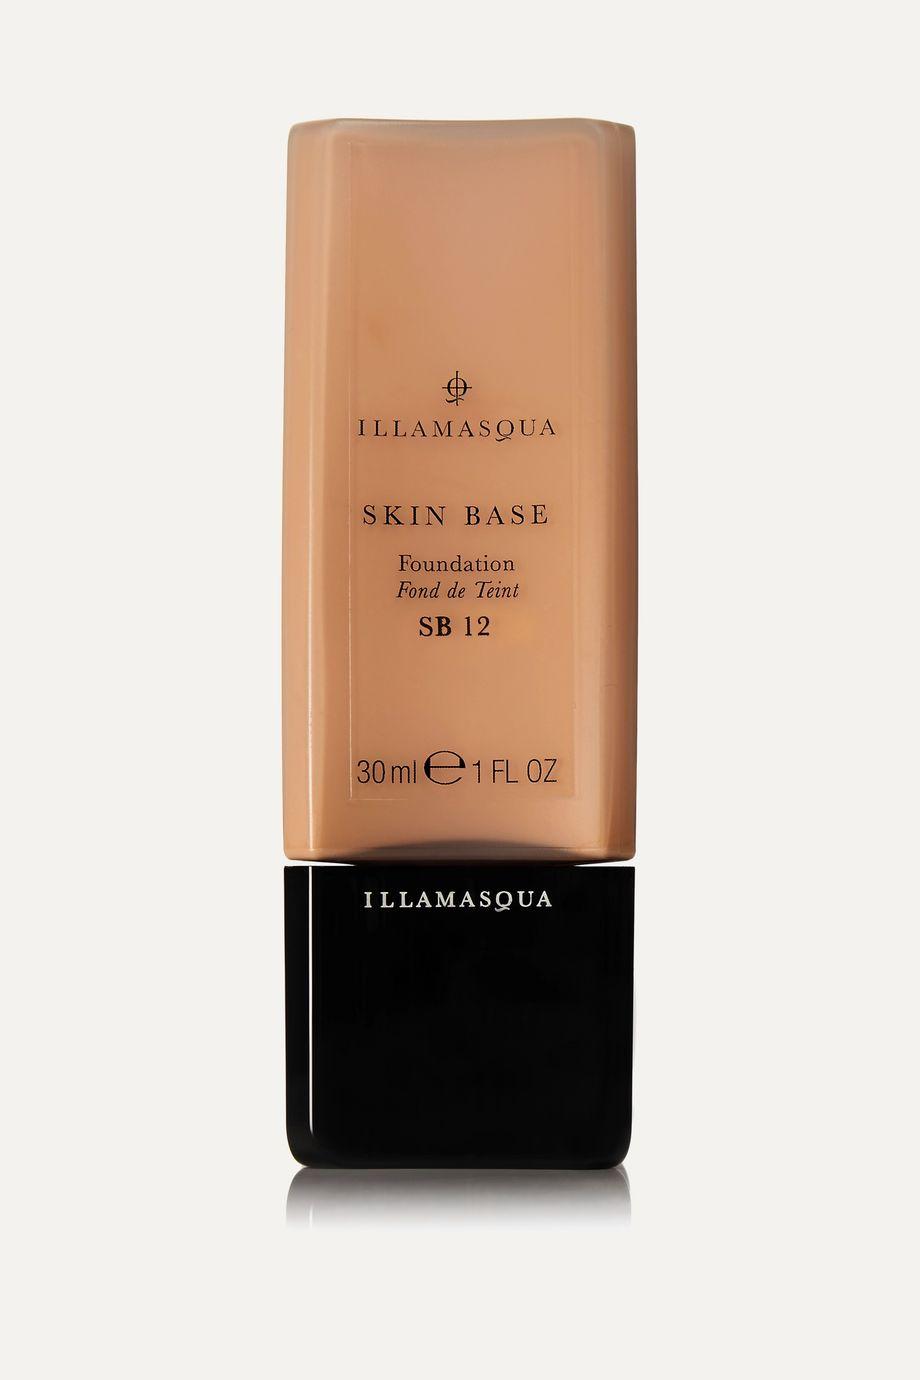 Illamasqua Skin Base Foundation - 12, 30ml